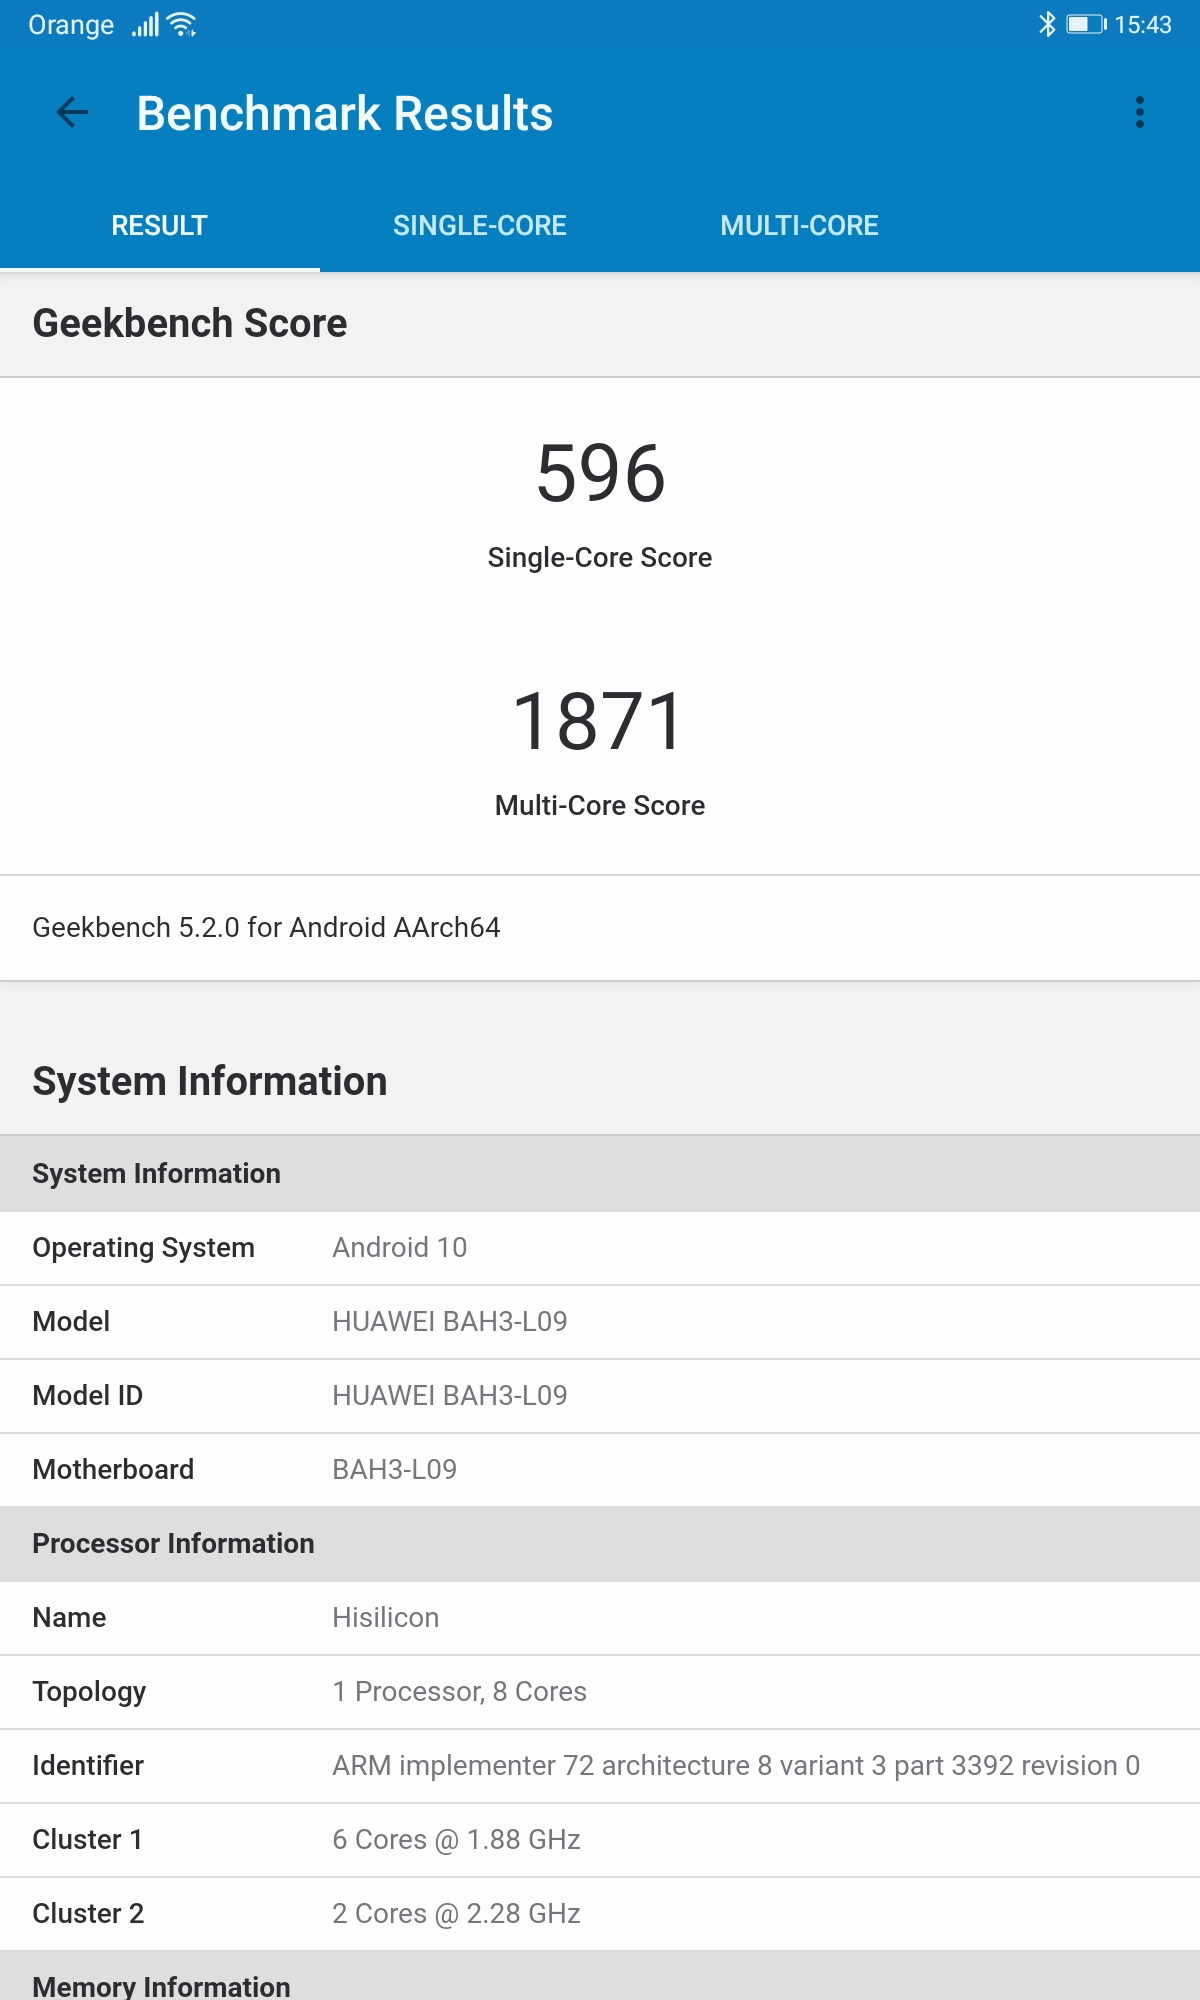 MatePad 10 Geekbench 5